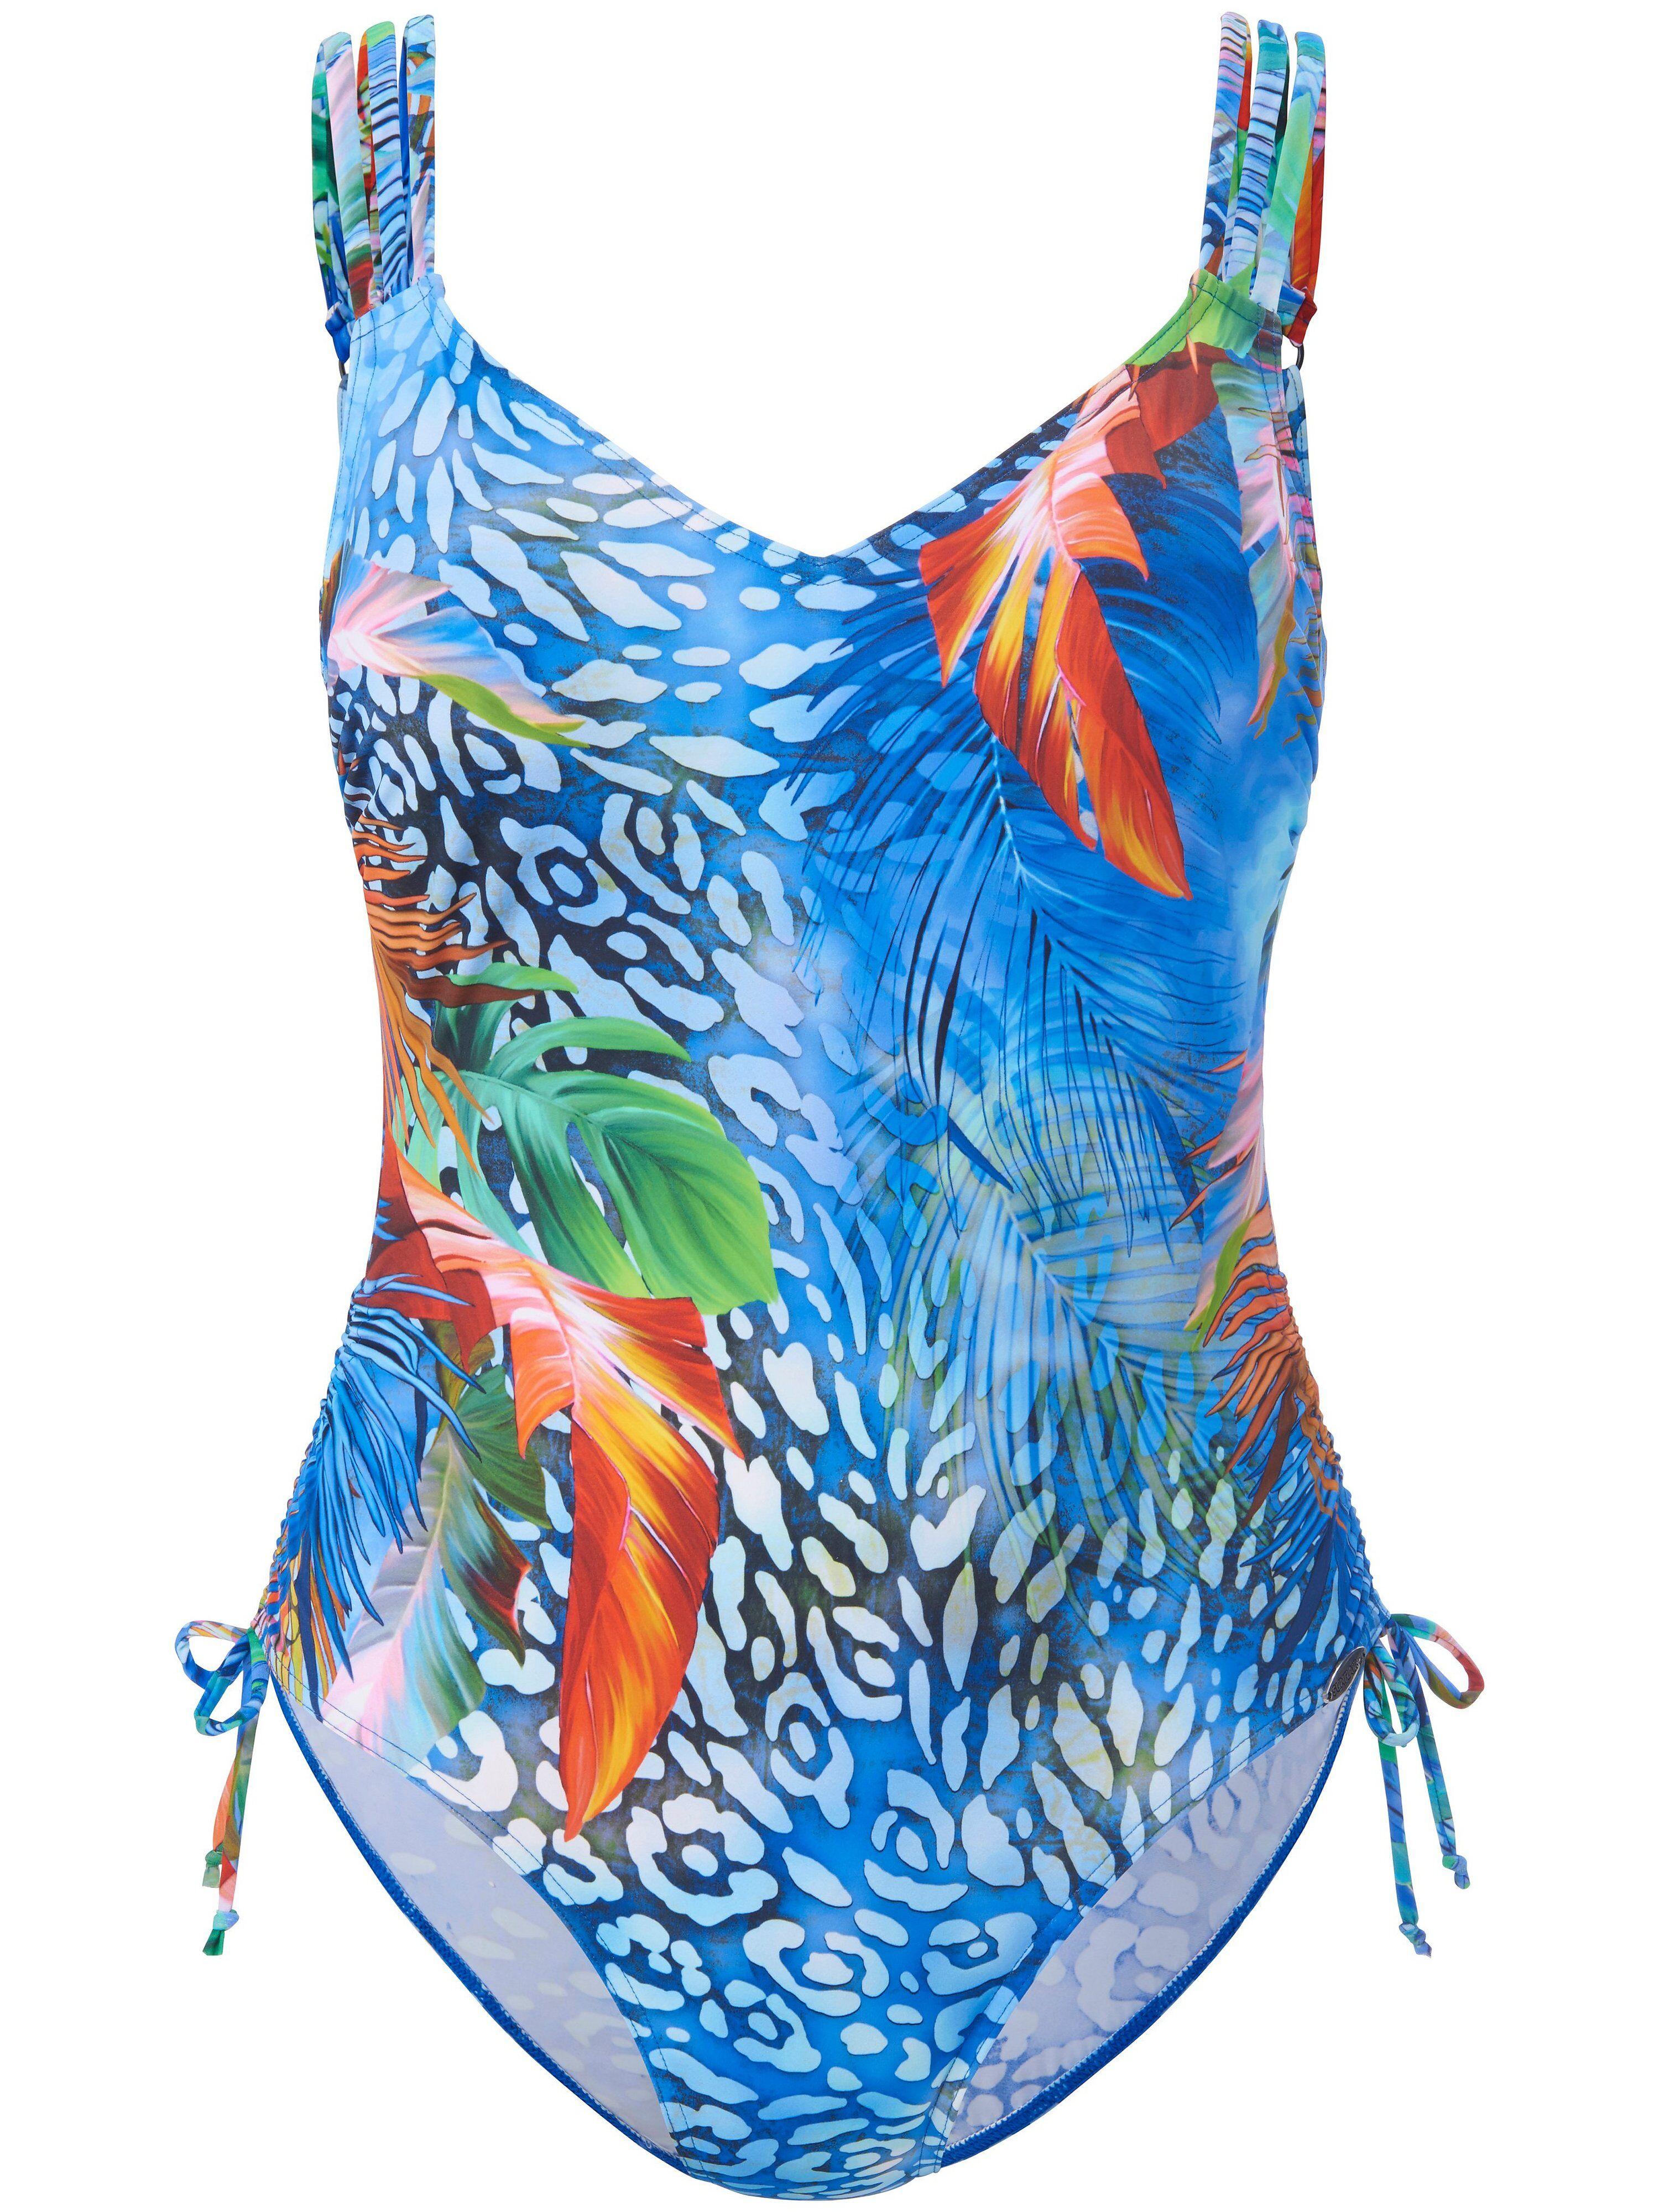 Sunflair Le maillot bain Xtra Life à bretelles triples  Sunflair multicolore  - Femme - 42